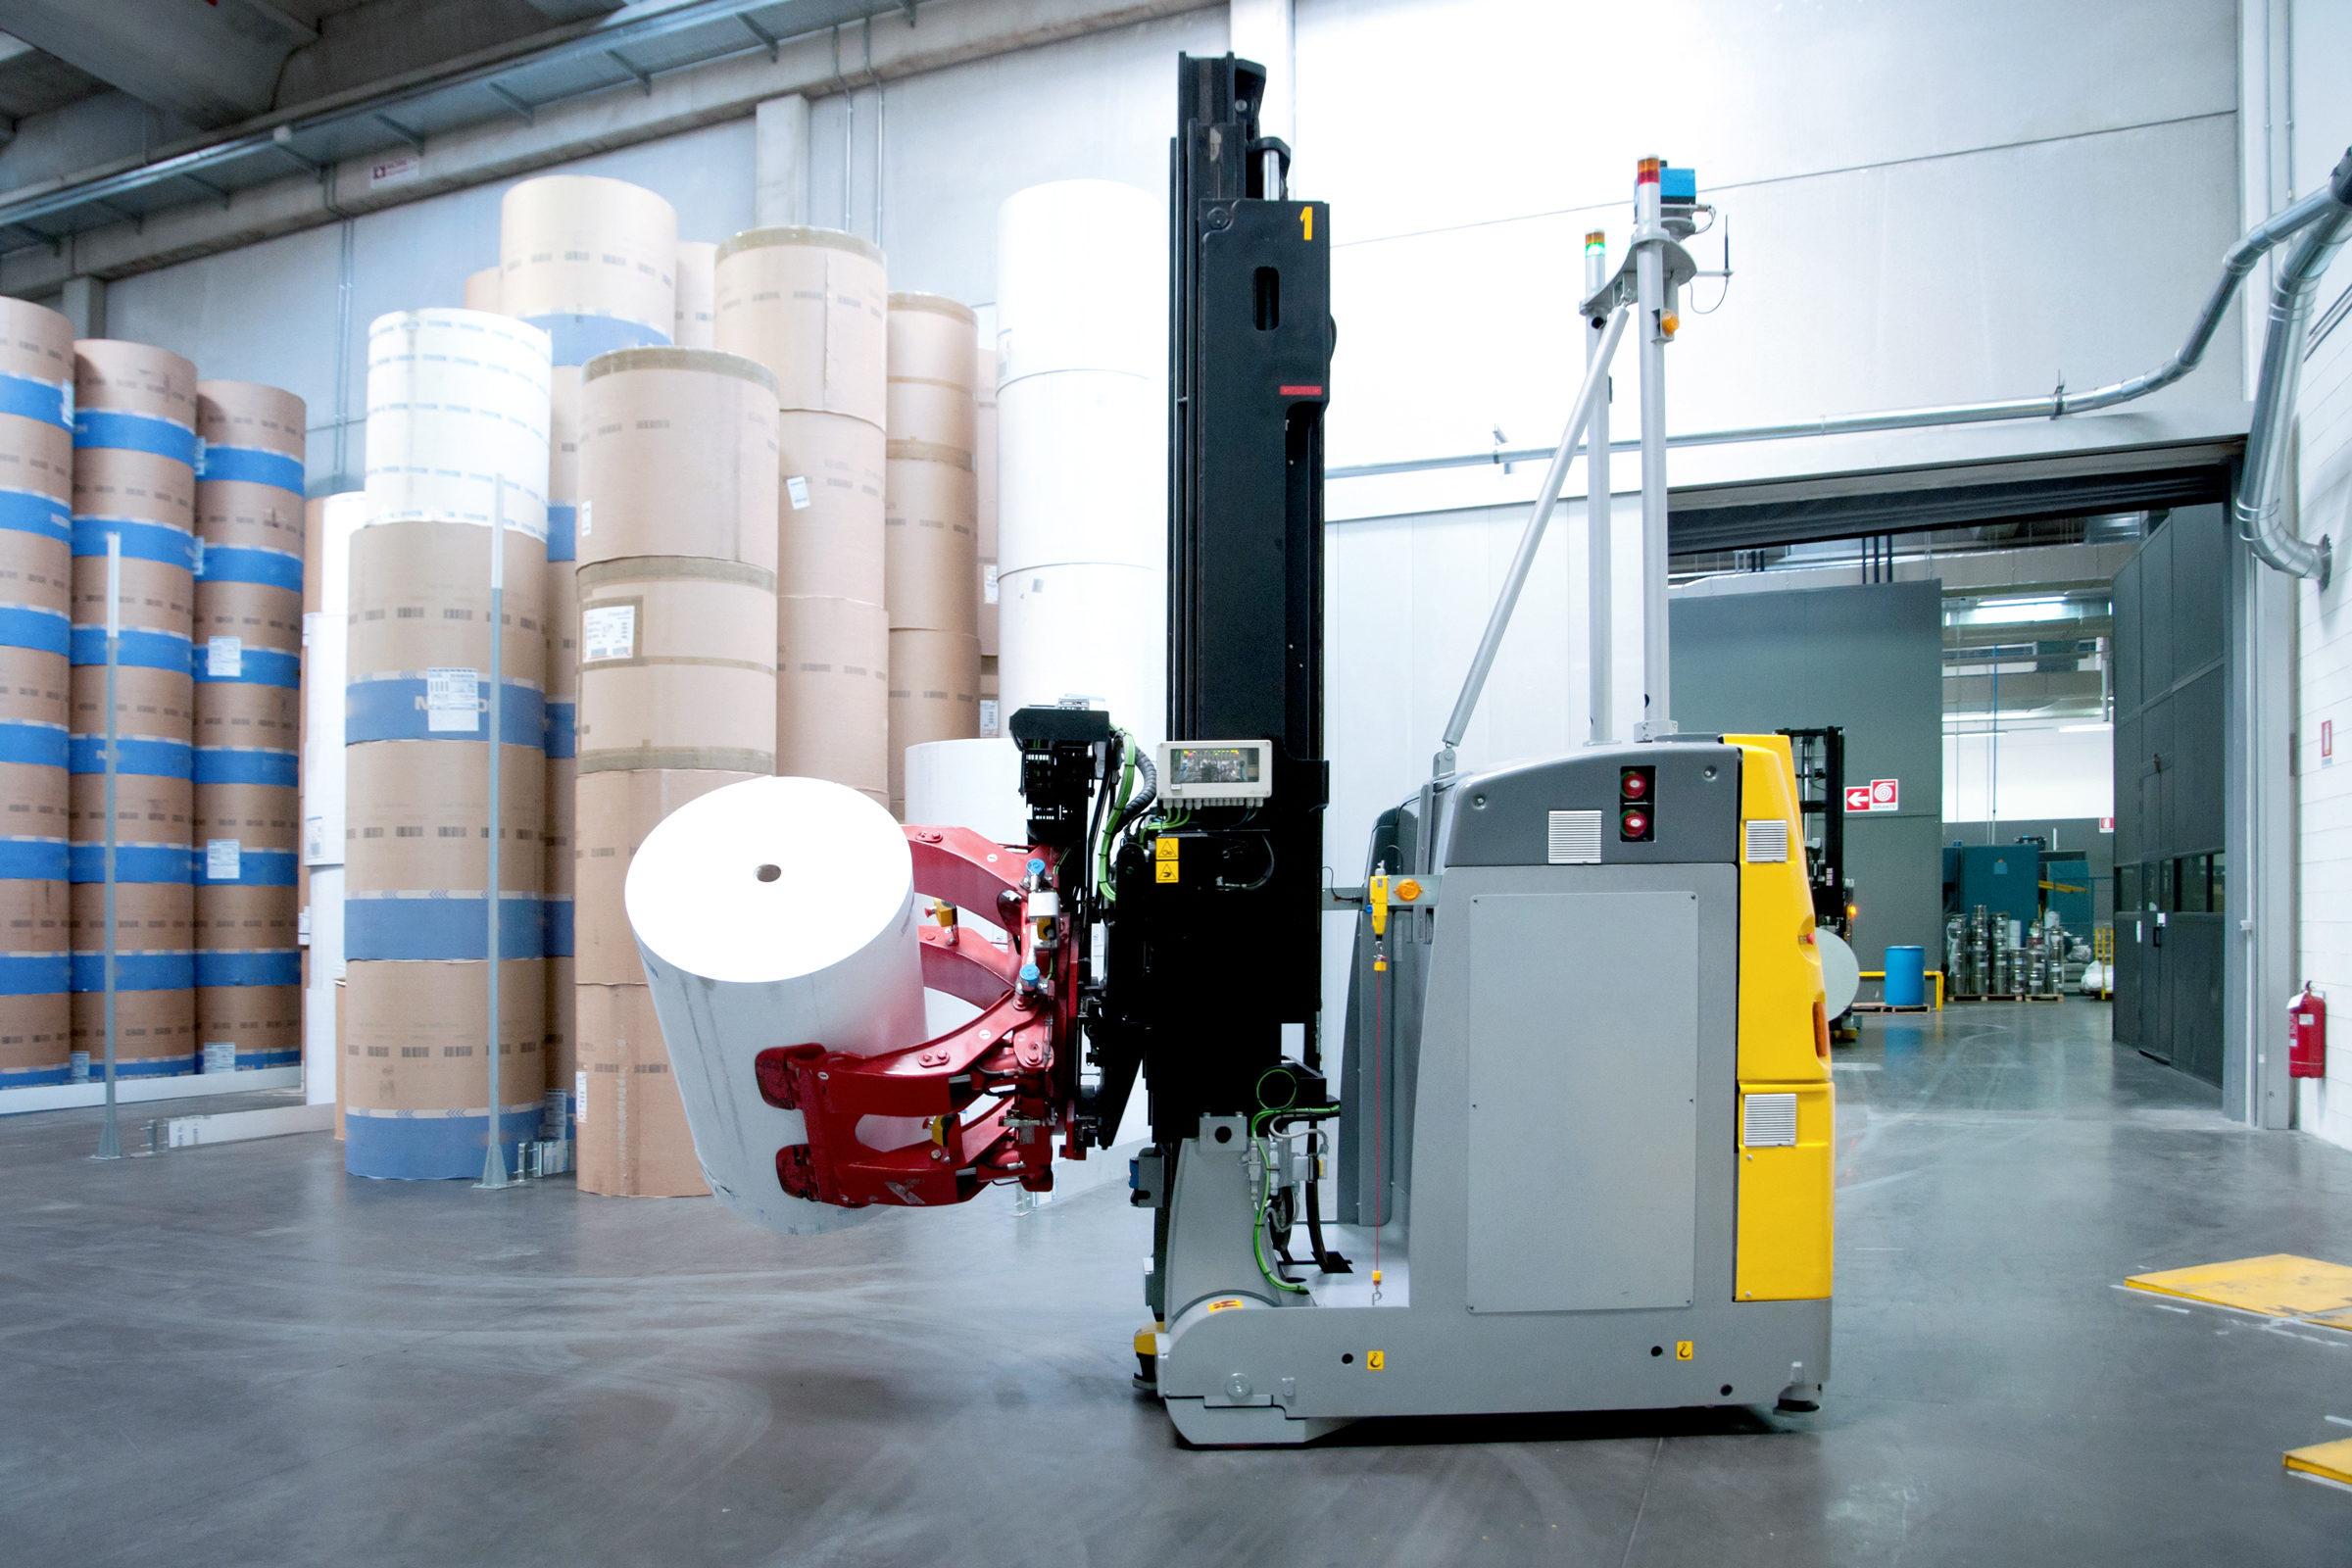 Druckerei: Automatisiertes Lager für Papier